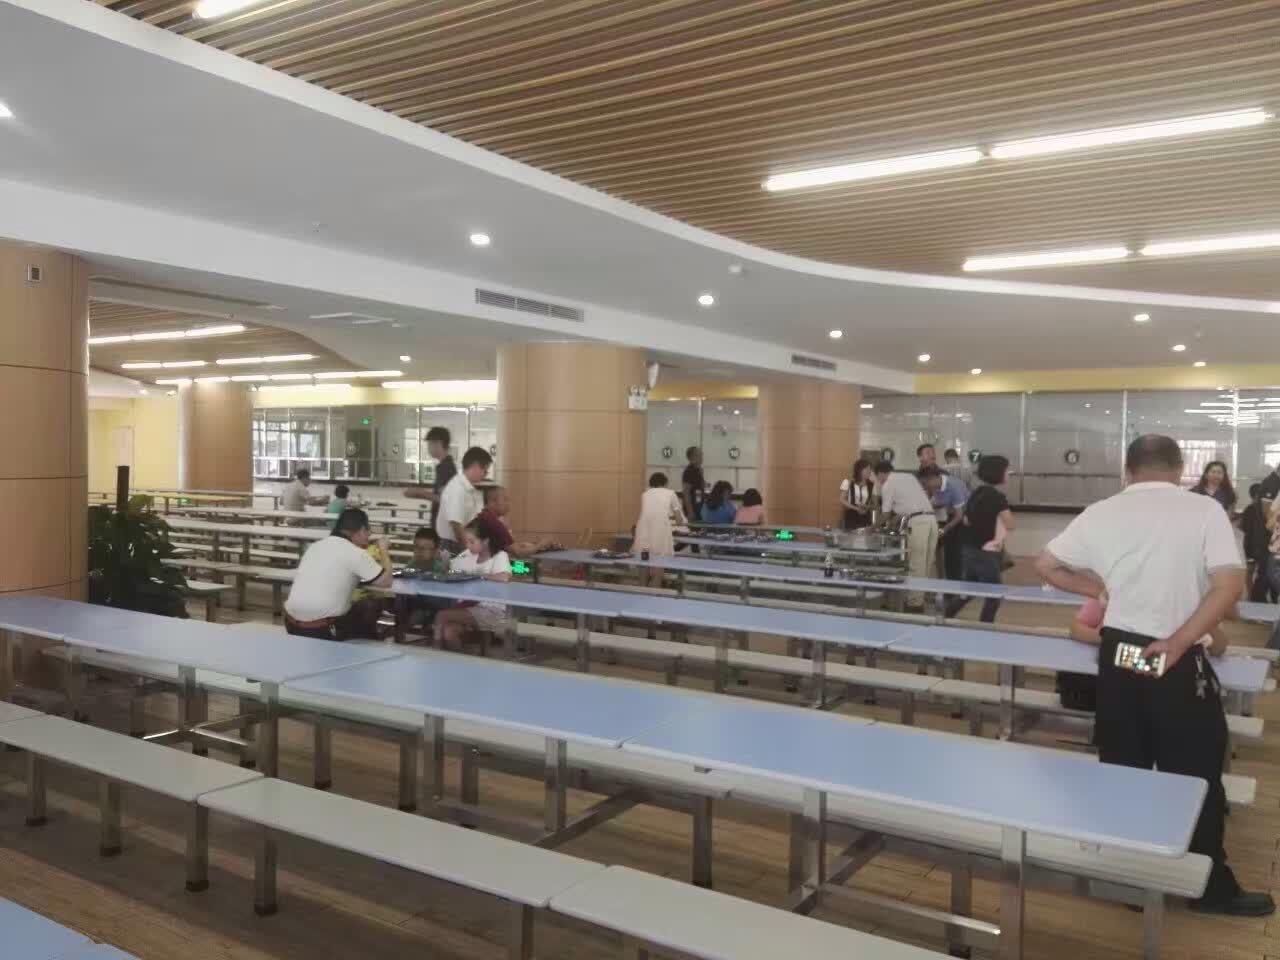 机关食堂承包、企业承包食堂、大型工厂食堂、食堂餐饮管理